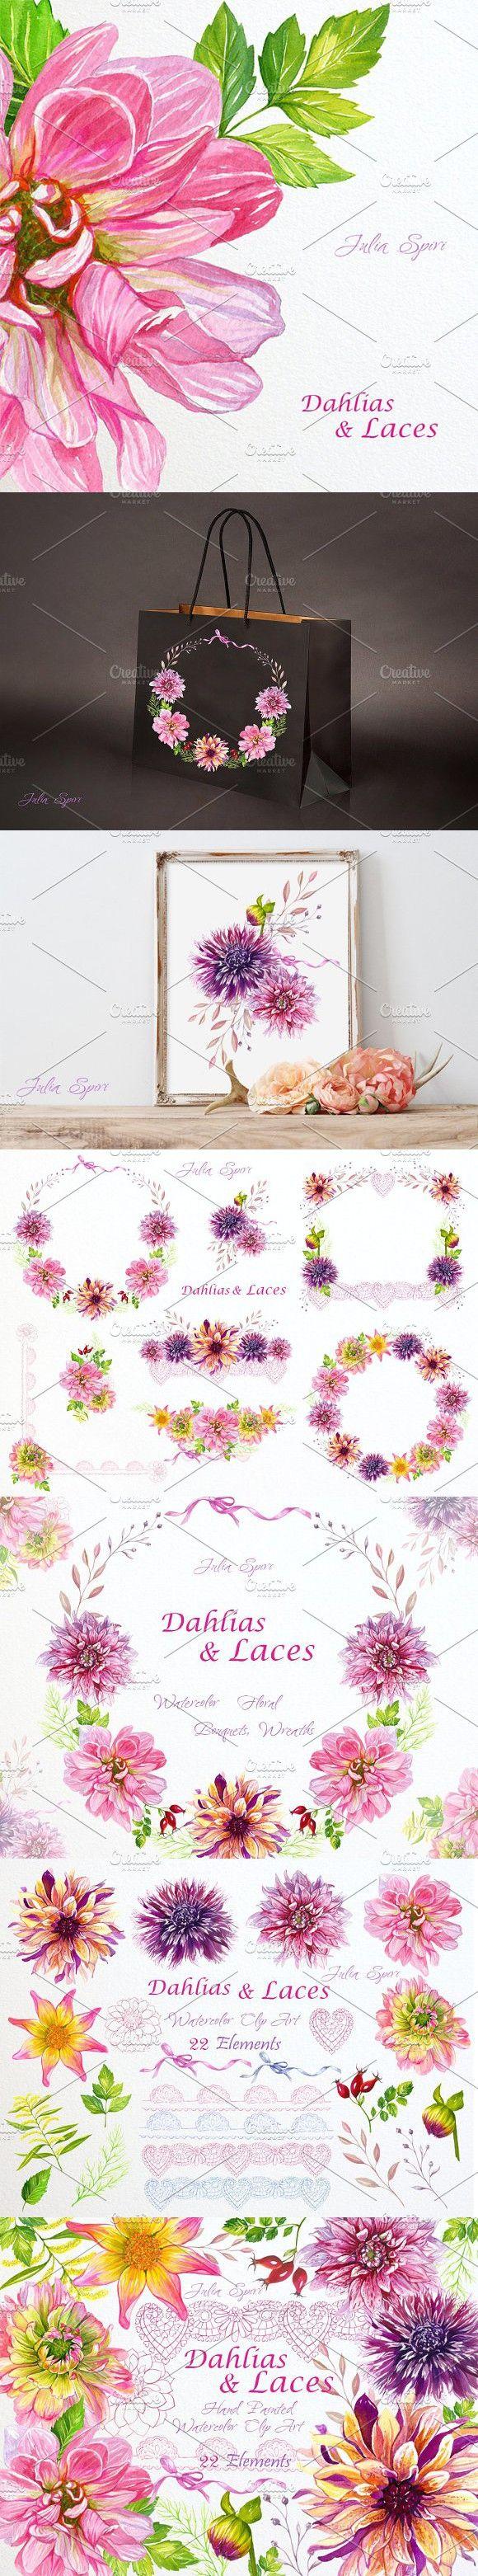 Watercolor Clip Art Dahlias u0026 Laces